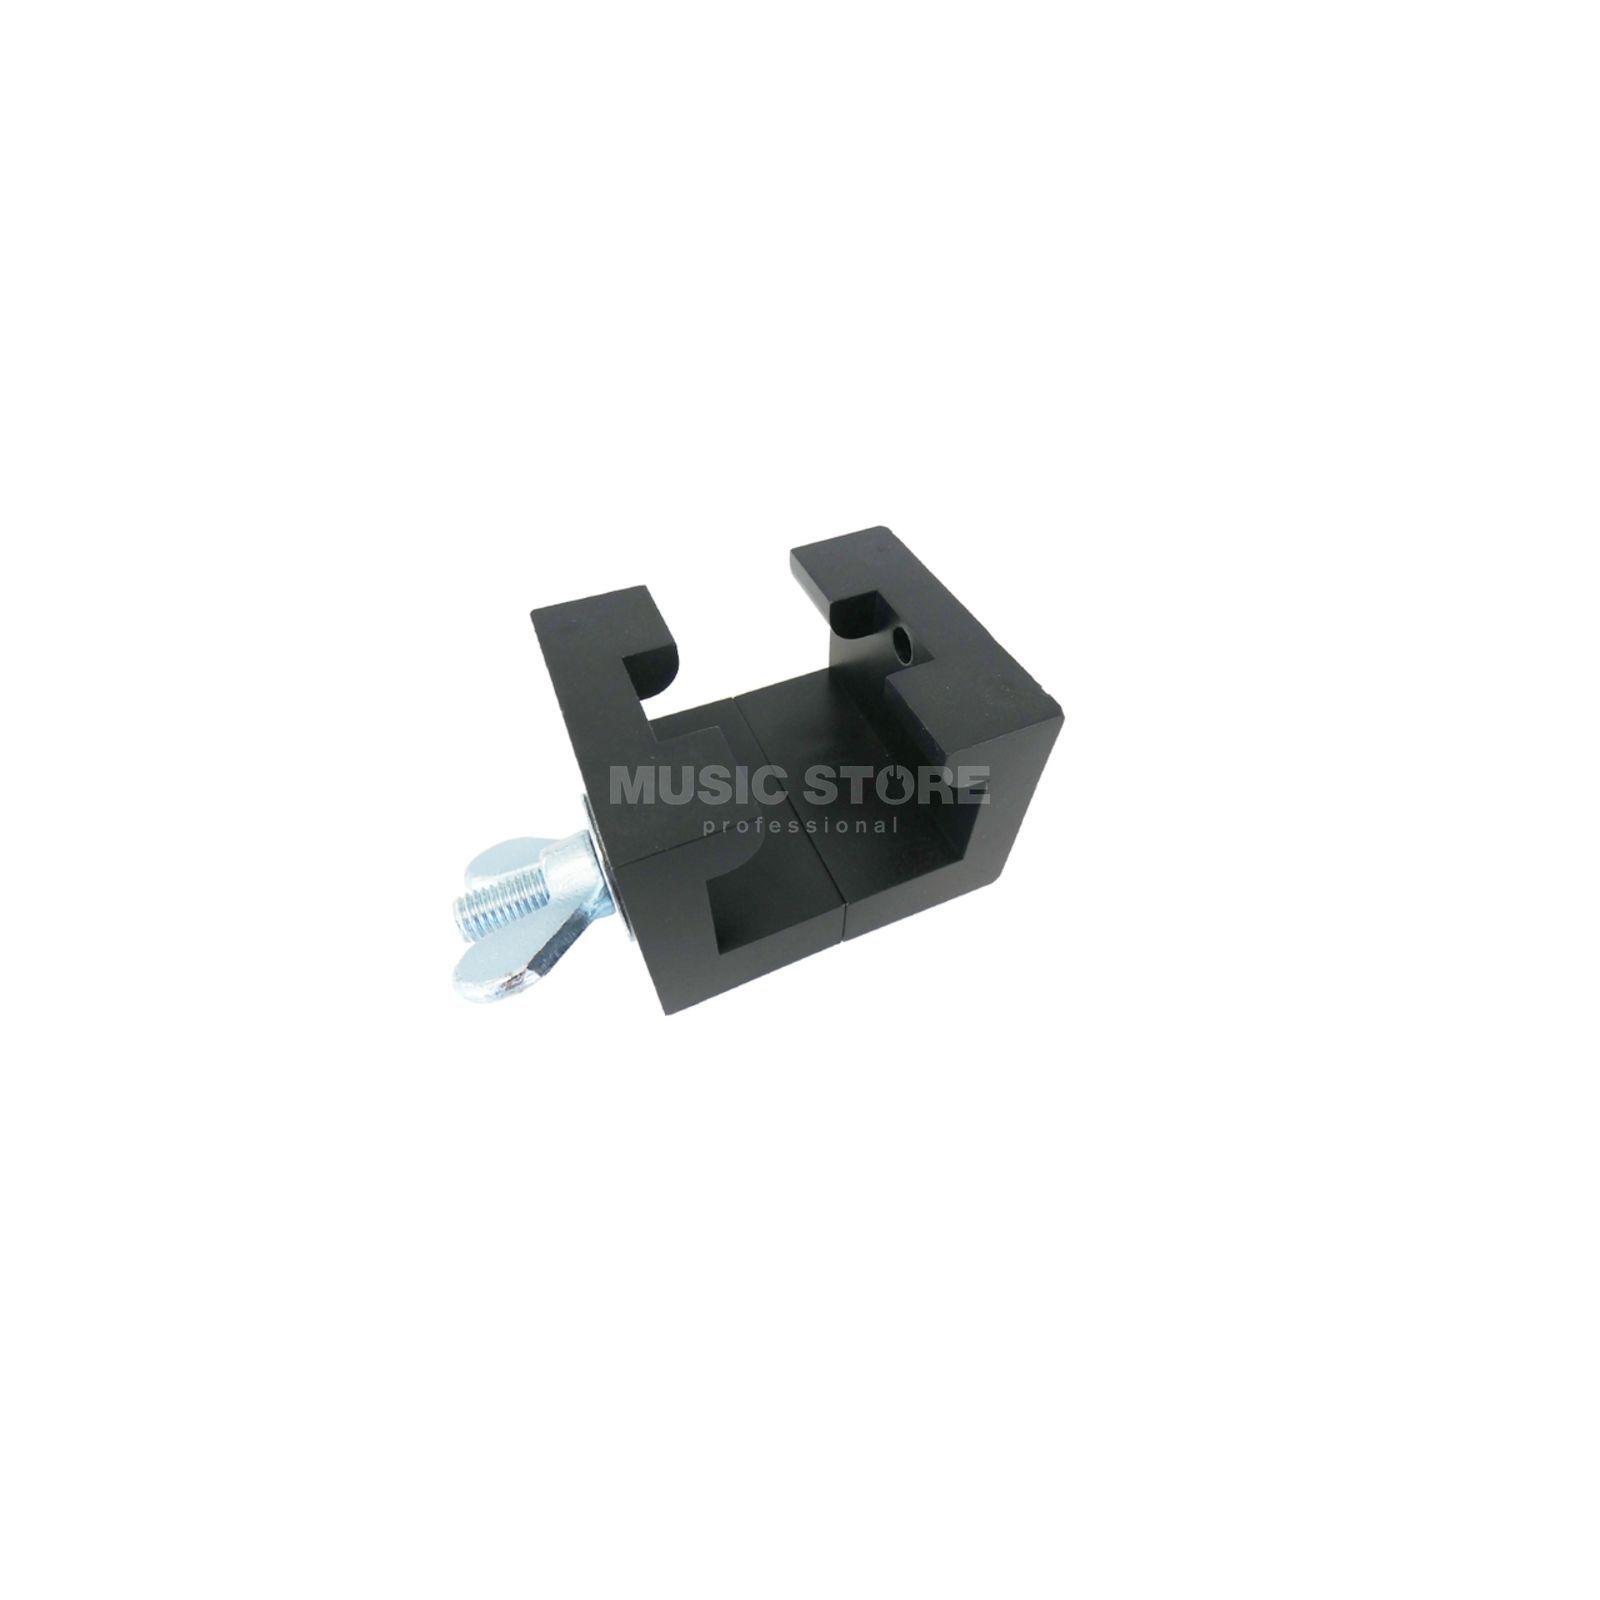 B tec pince de fixation en plastique pour fixation de praticable - Pince alimentaire en plastique ...